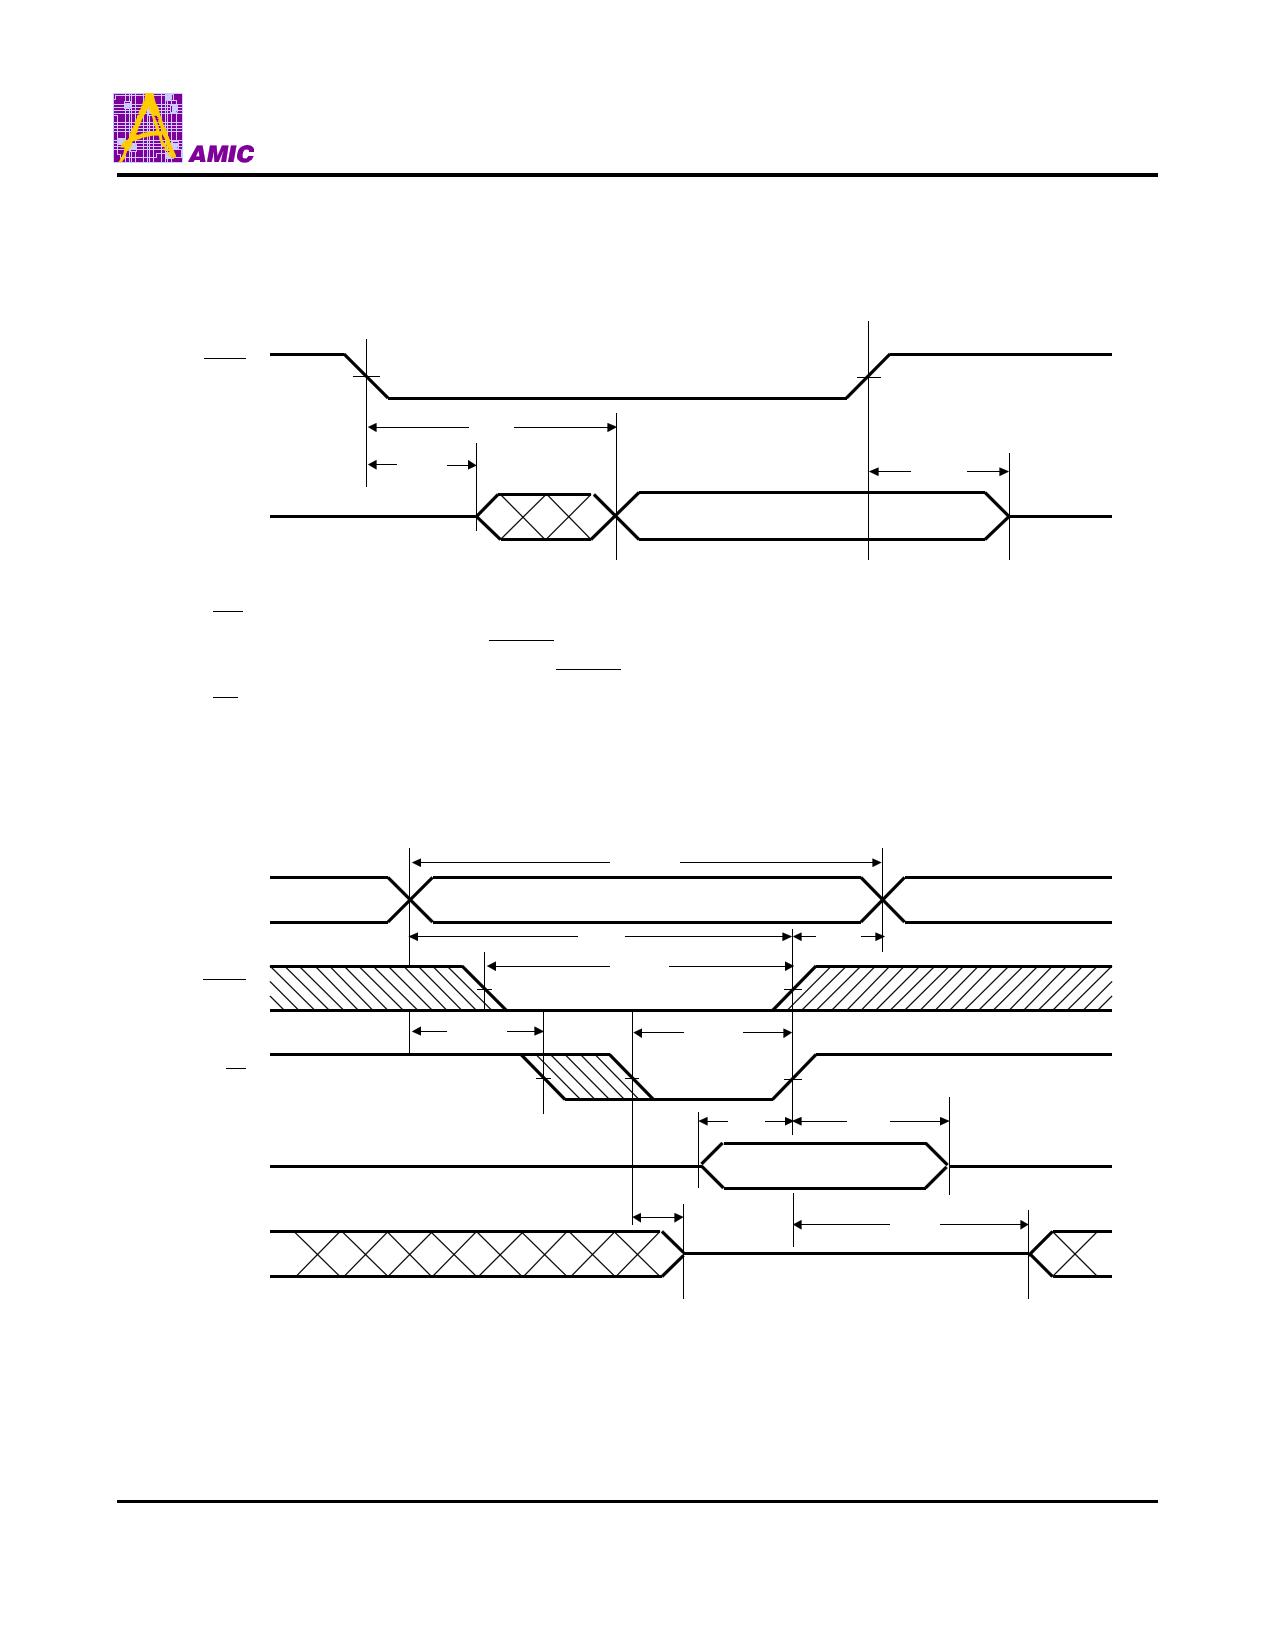 A26E001AV diode, scr